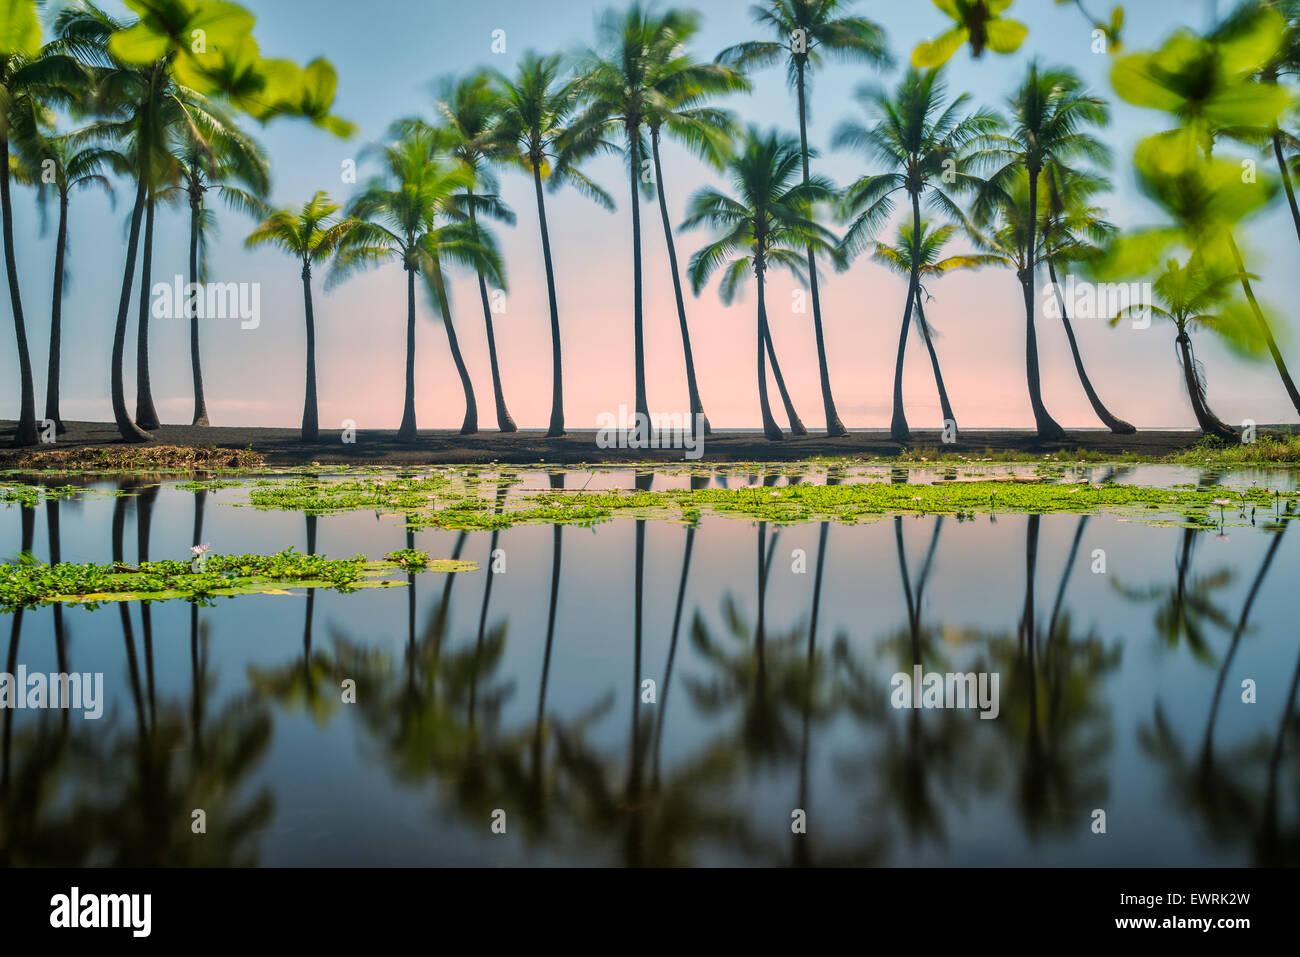 Palm reflexiones, playa de arena negra. Hawai, la Isla Grande Foto de stock